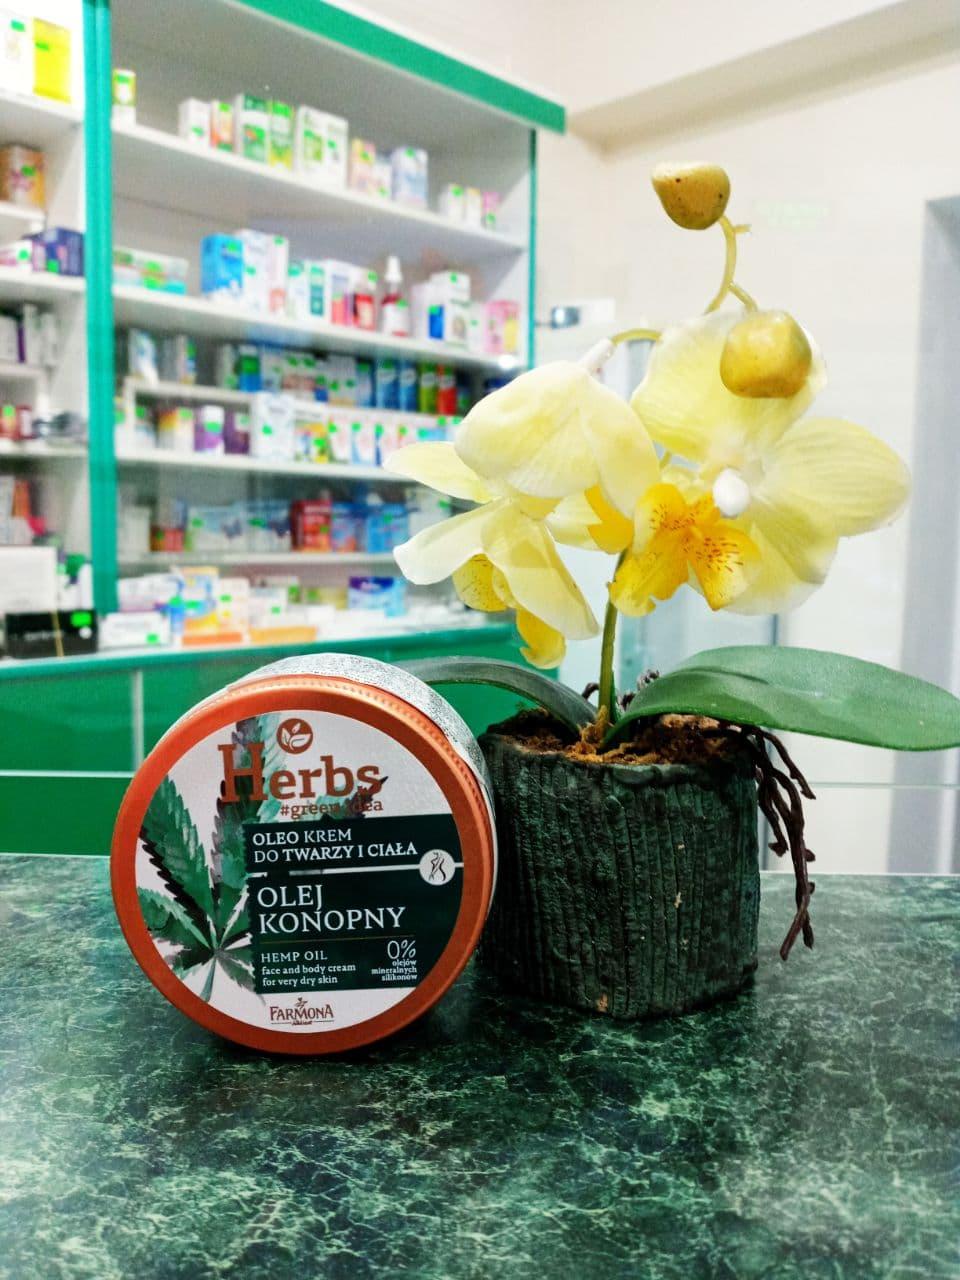 Покупаете крем для сухой кожи лица и тела на базе конопляного масла , карите от польской Фармоны